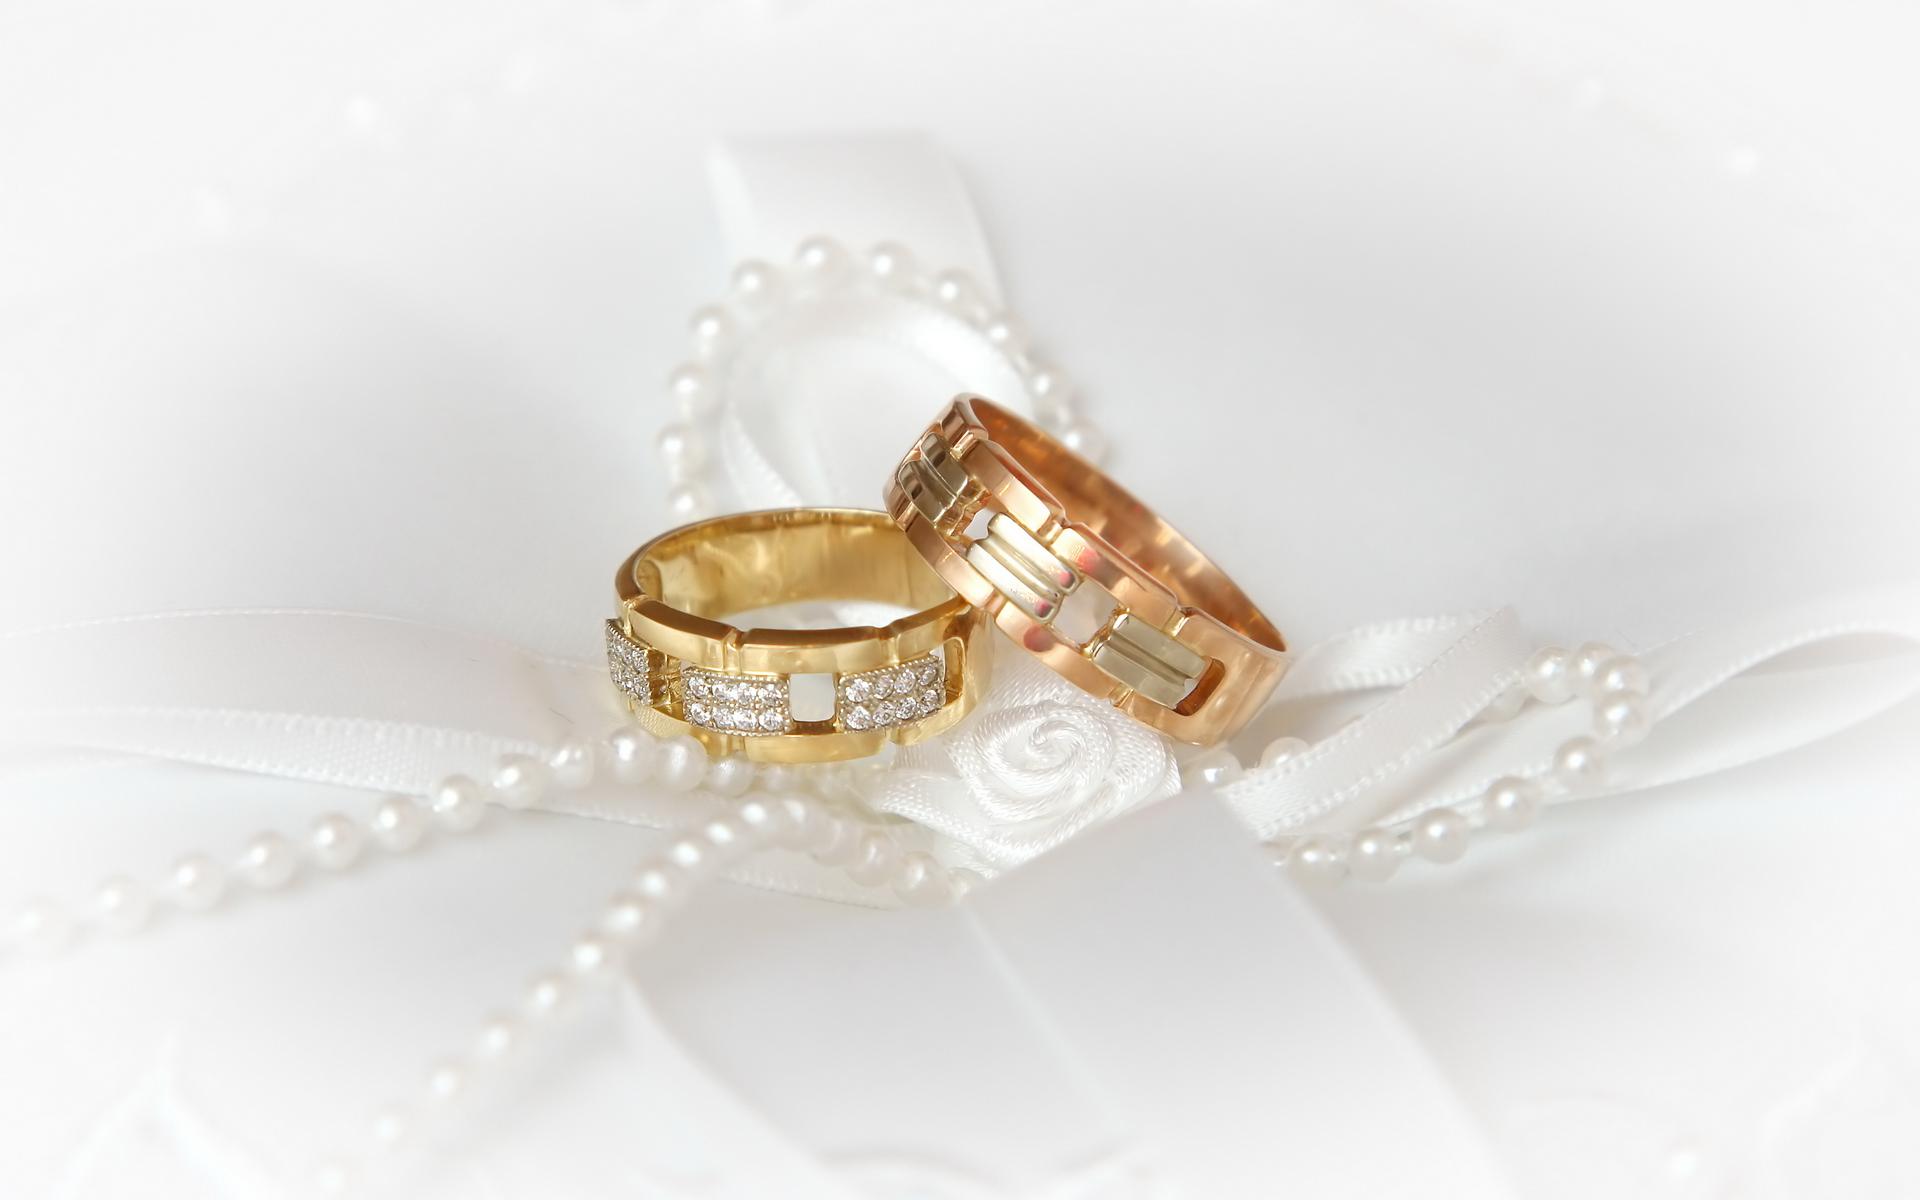 Обручальные кольца – выберите для себя счастливую семейную жизнь